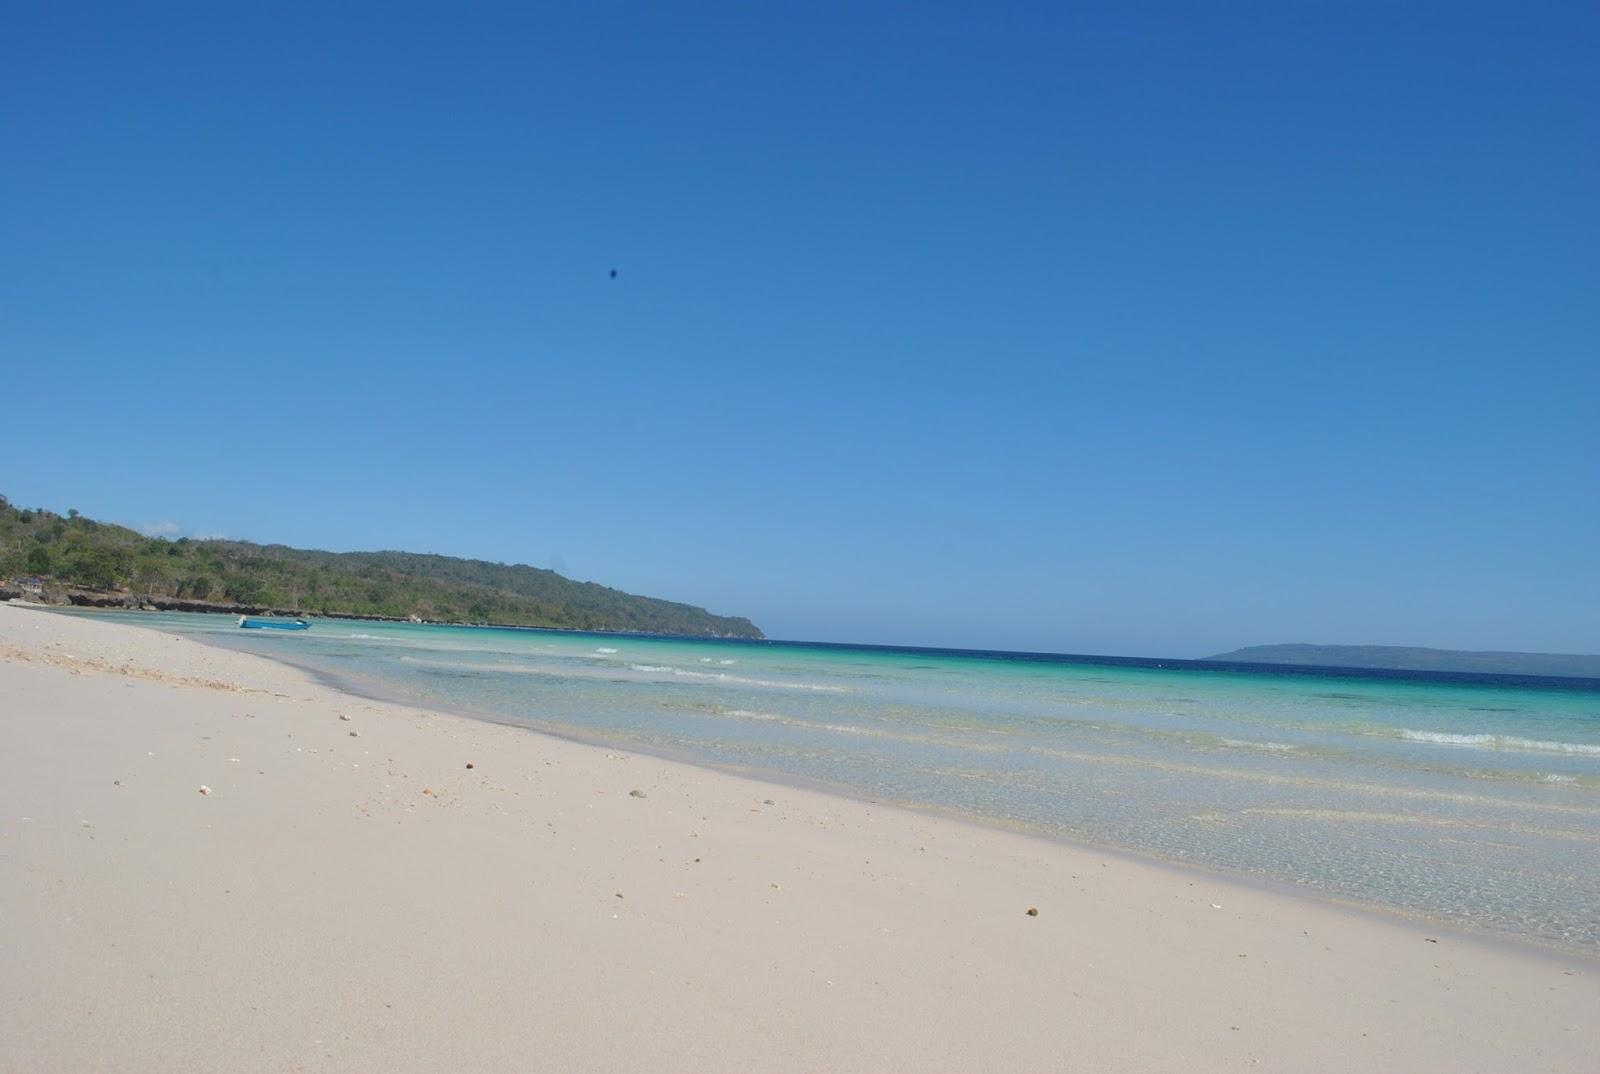 Pantai Nirwana Pesona Gradasi Warna Laut di Sulawesi Tenggara